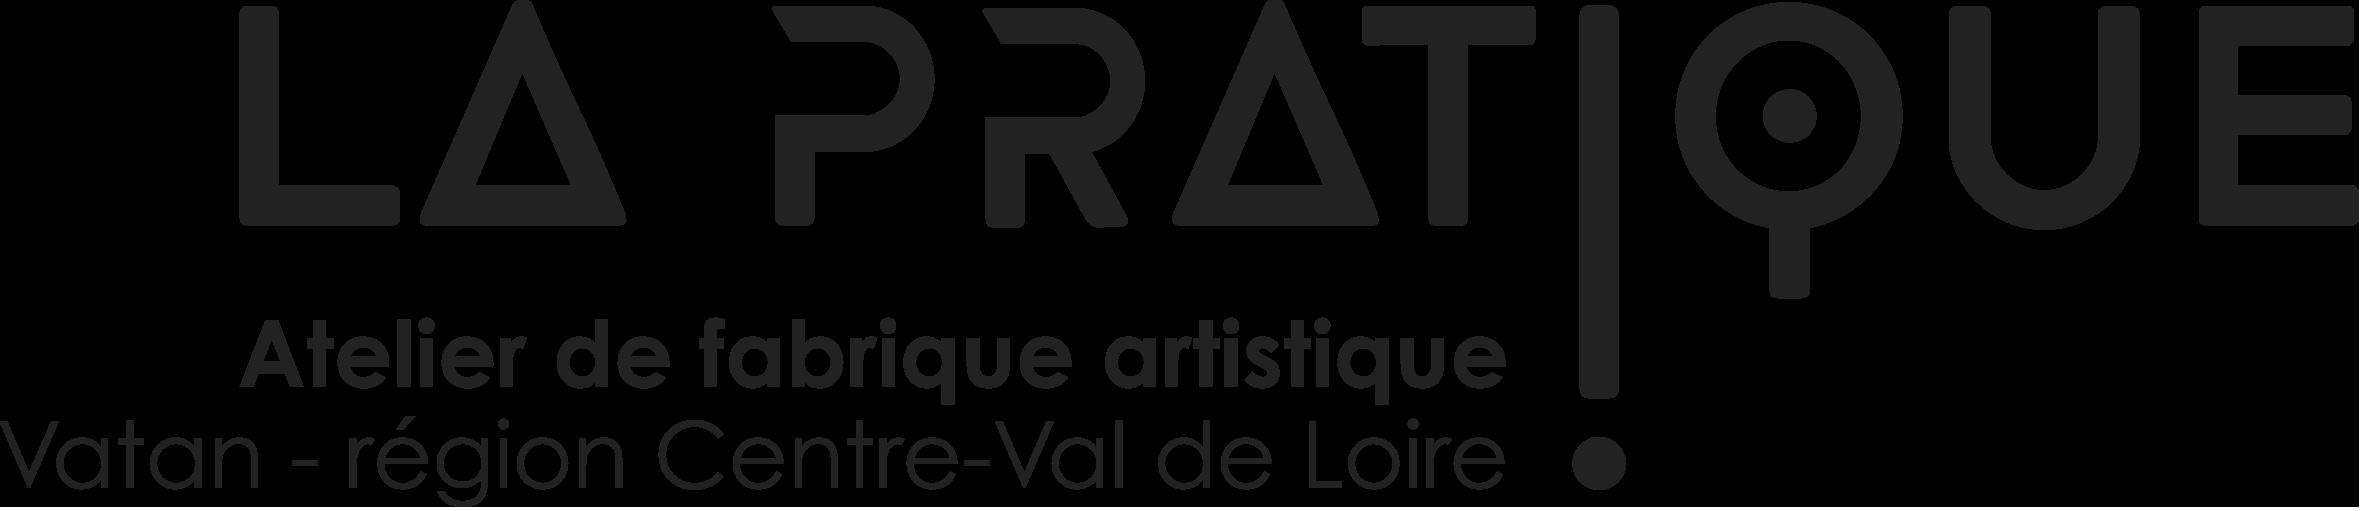 Association C. LOY / La Pratique - Vatan